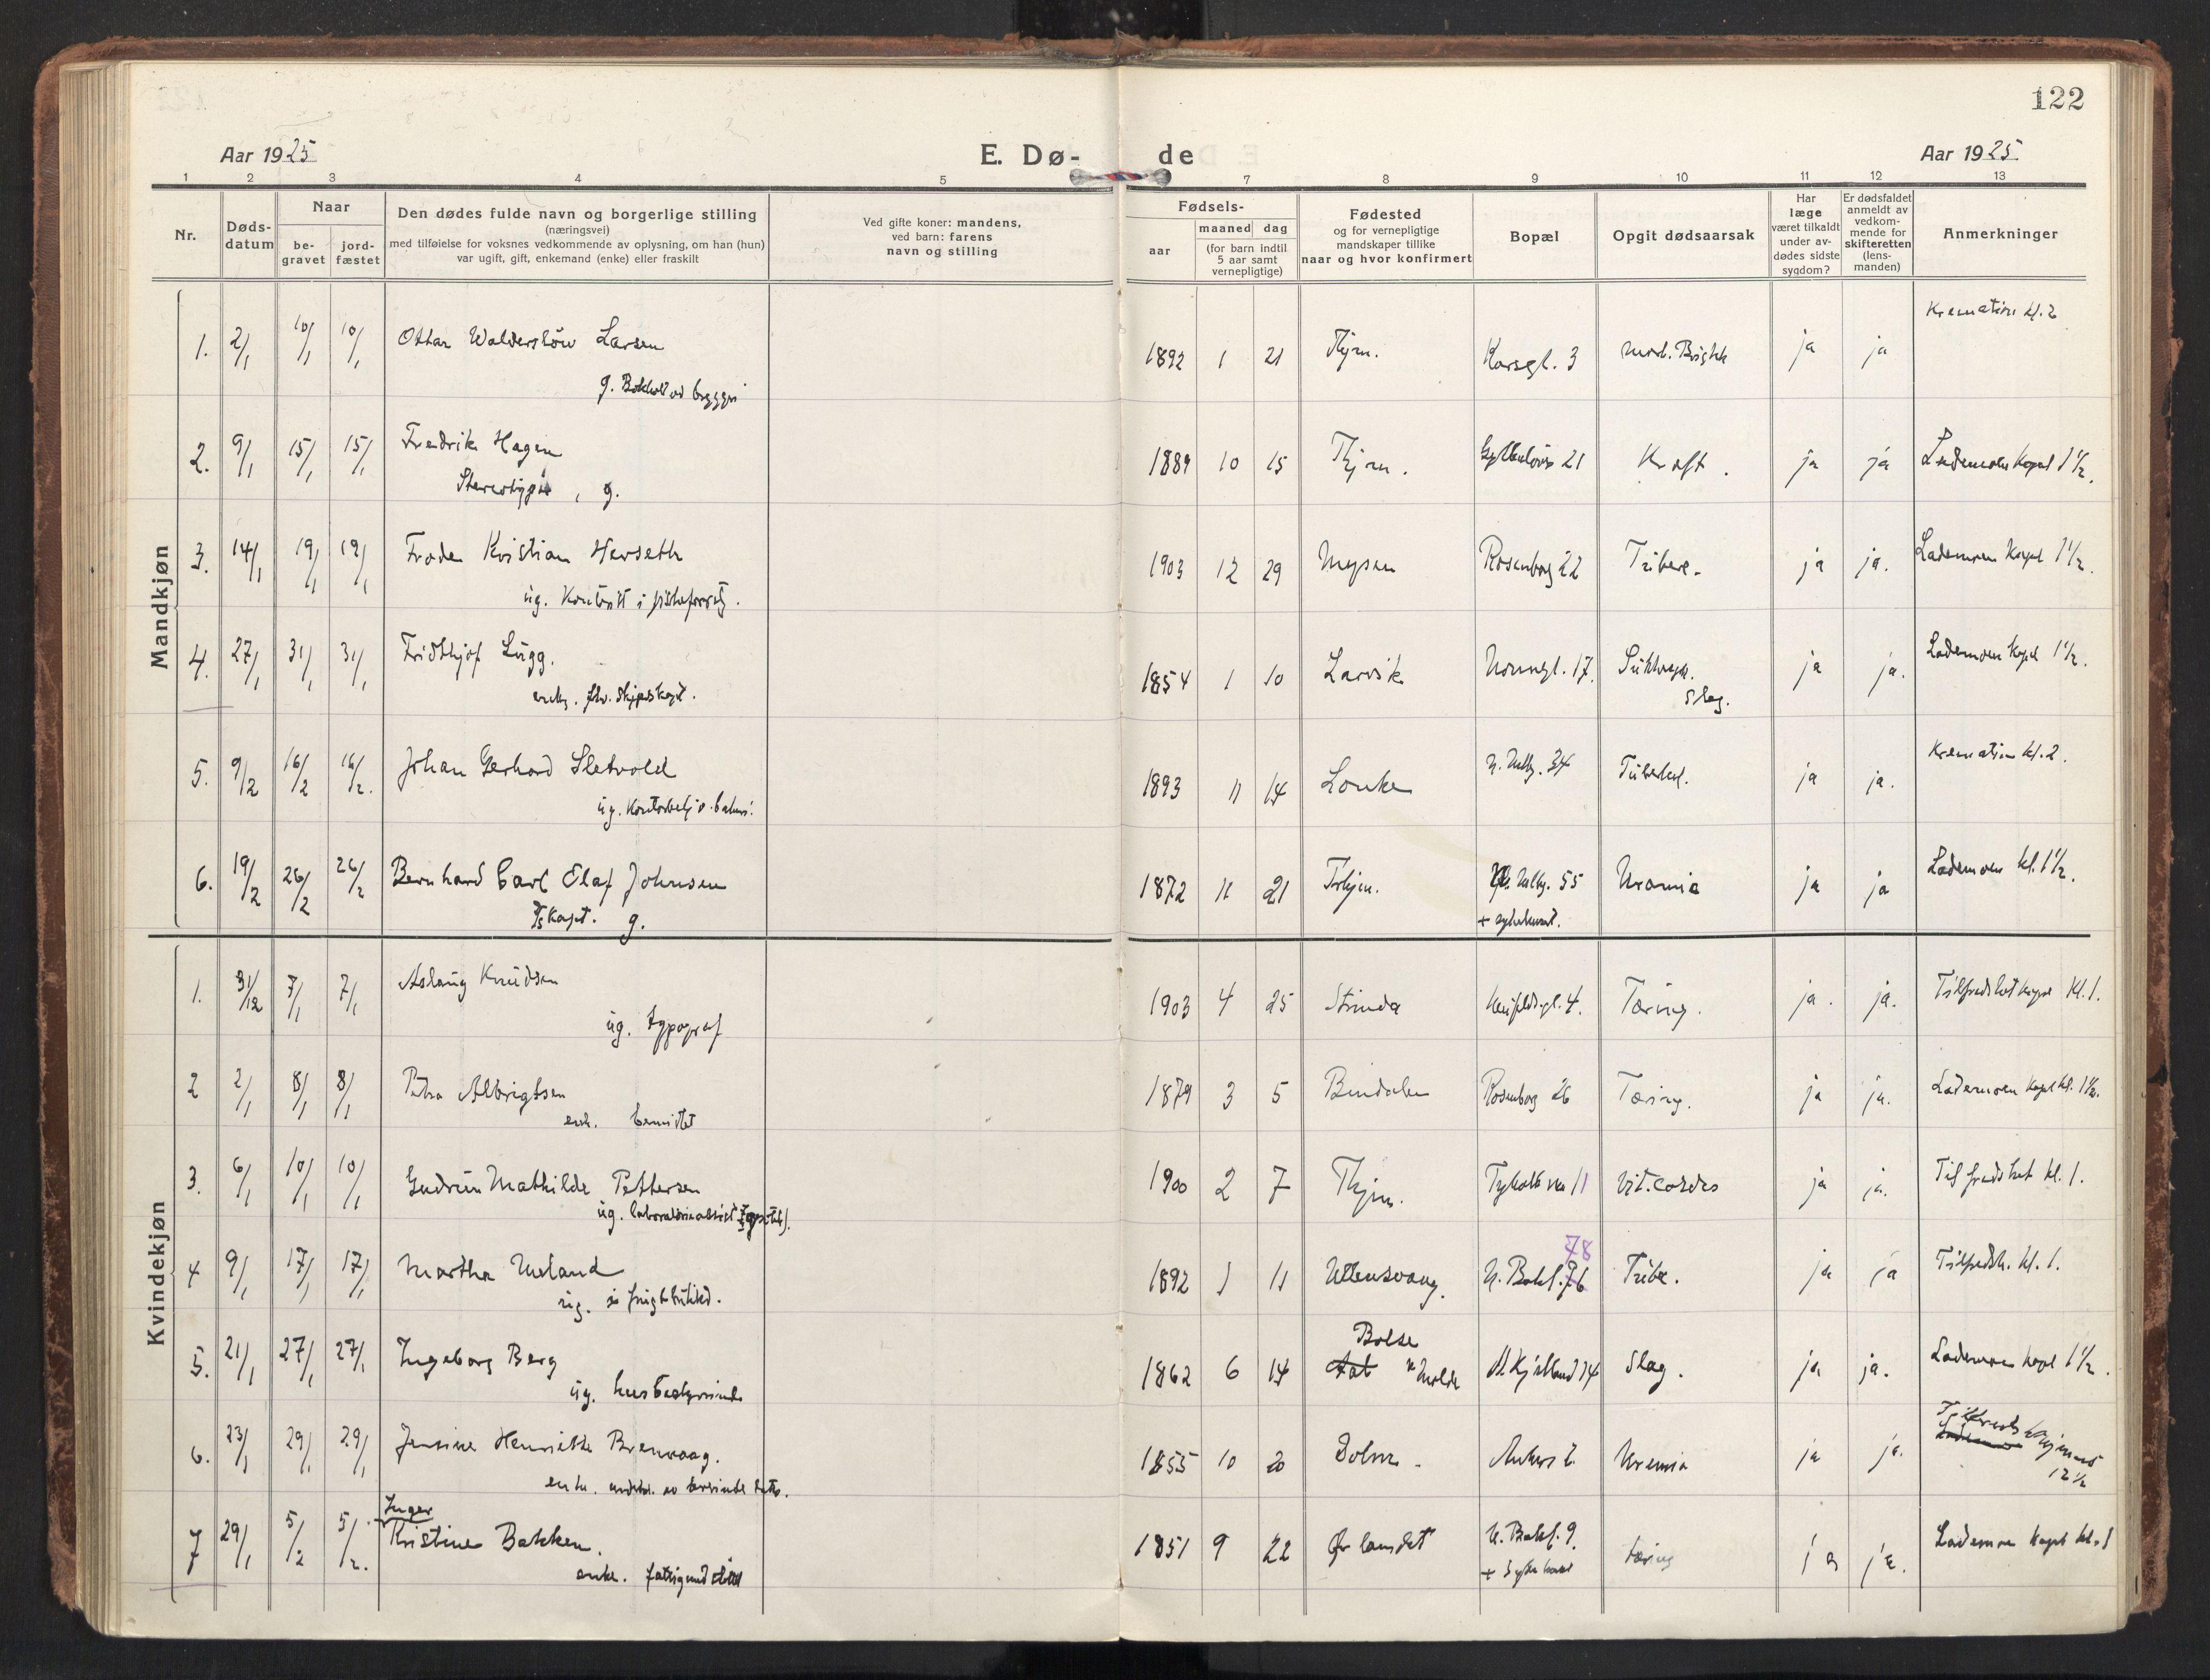 SAT, Ministerialprotokoller, klokkerbøker og fødselsregistre - Sør-Trøndelag, 604/L0207: Ministerialbok nr. 604A27, 1917-1933, s. 122